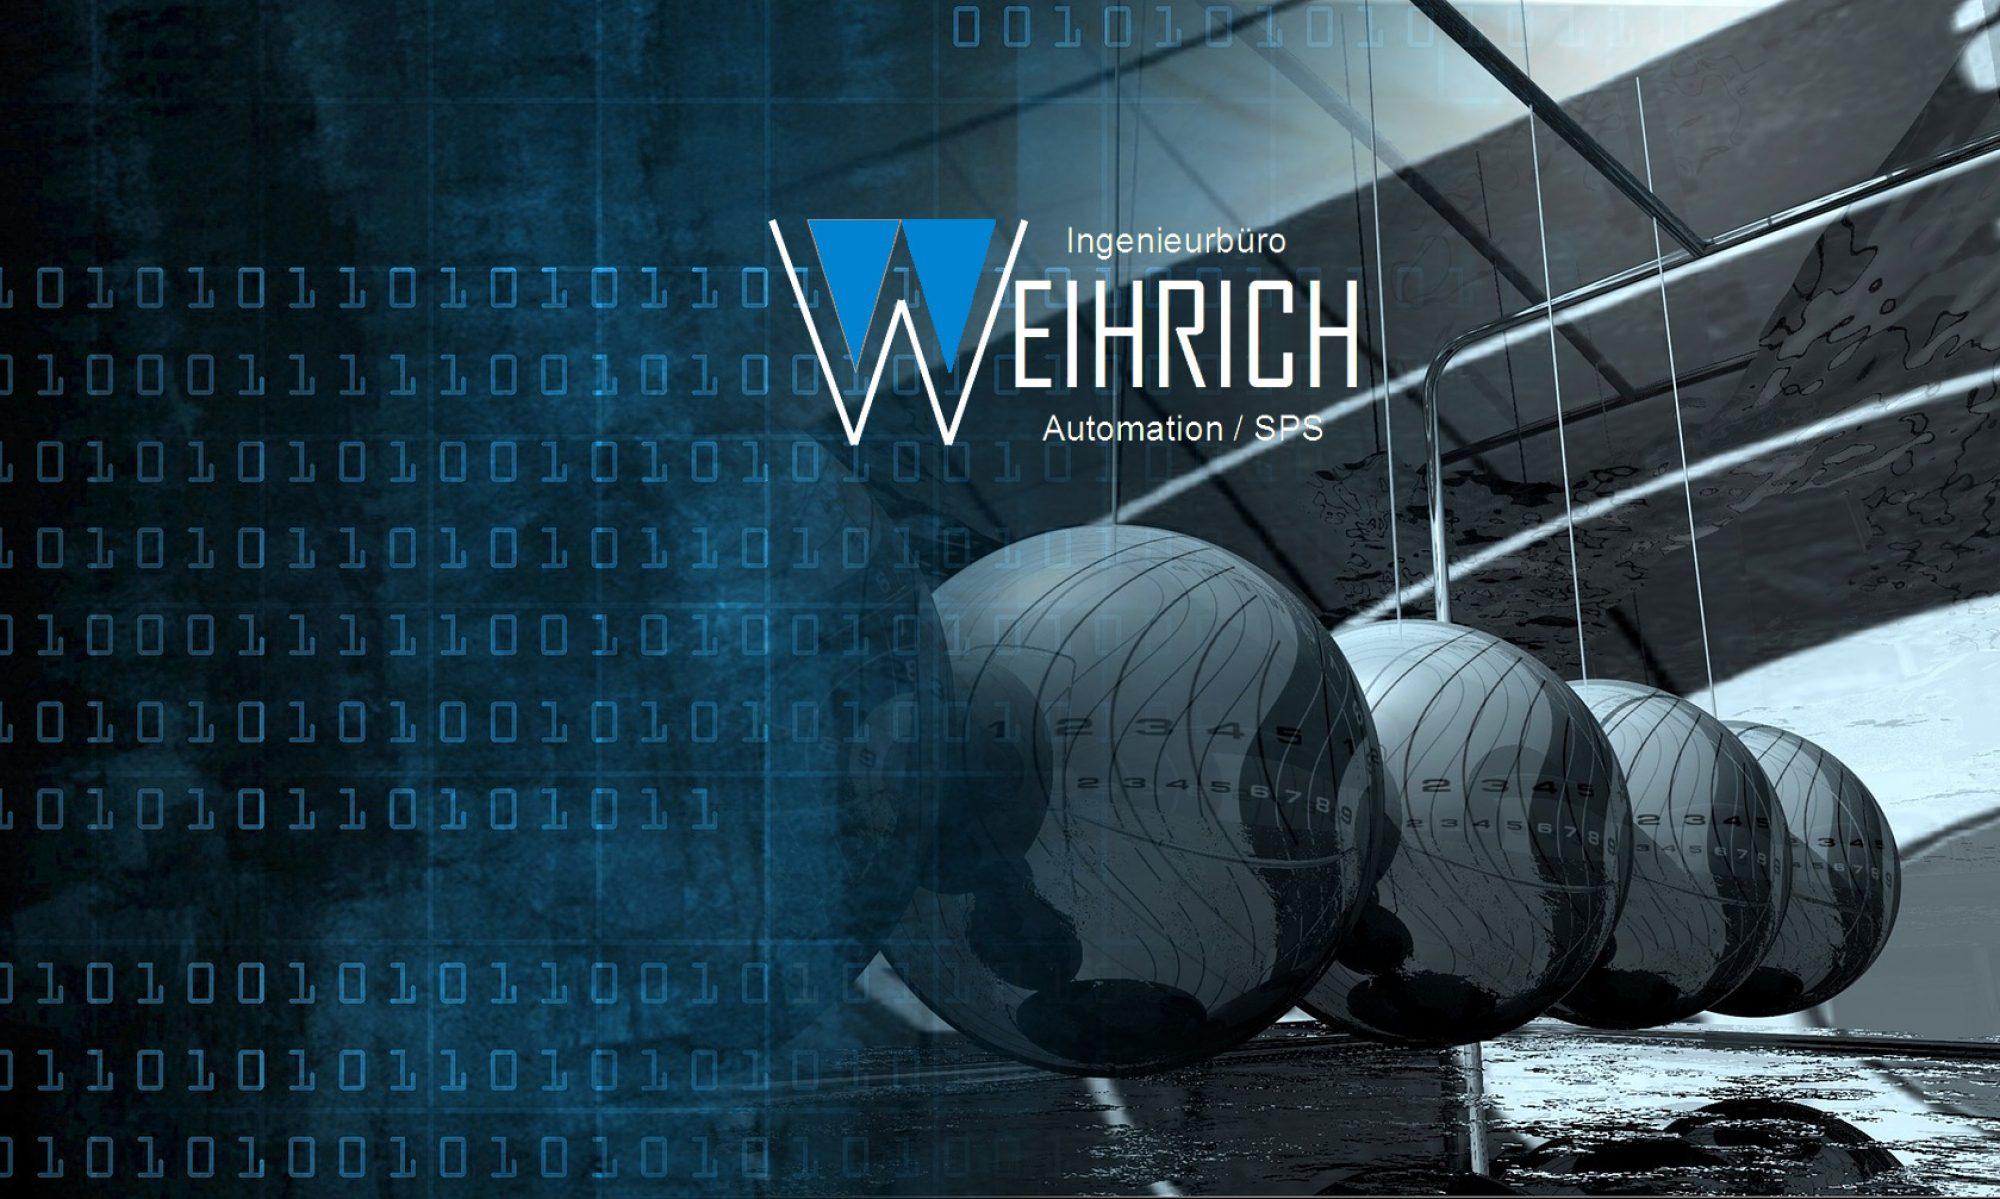 Ingenieurbüro Weihrich